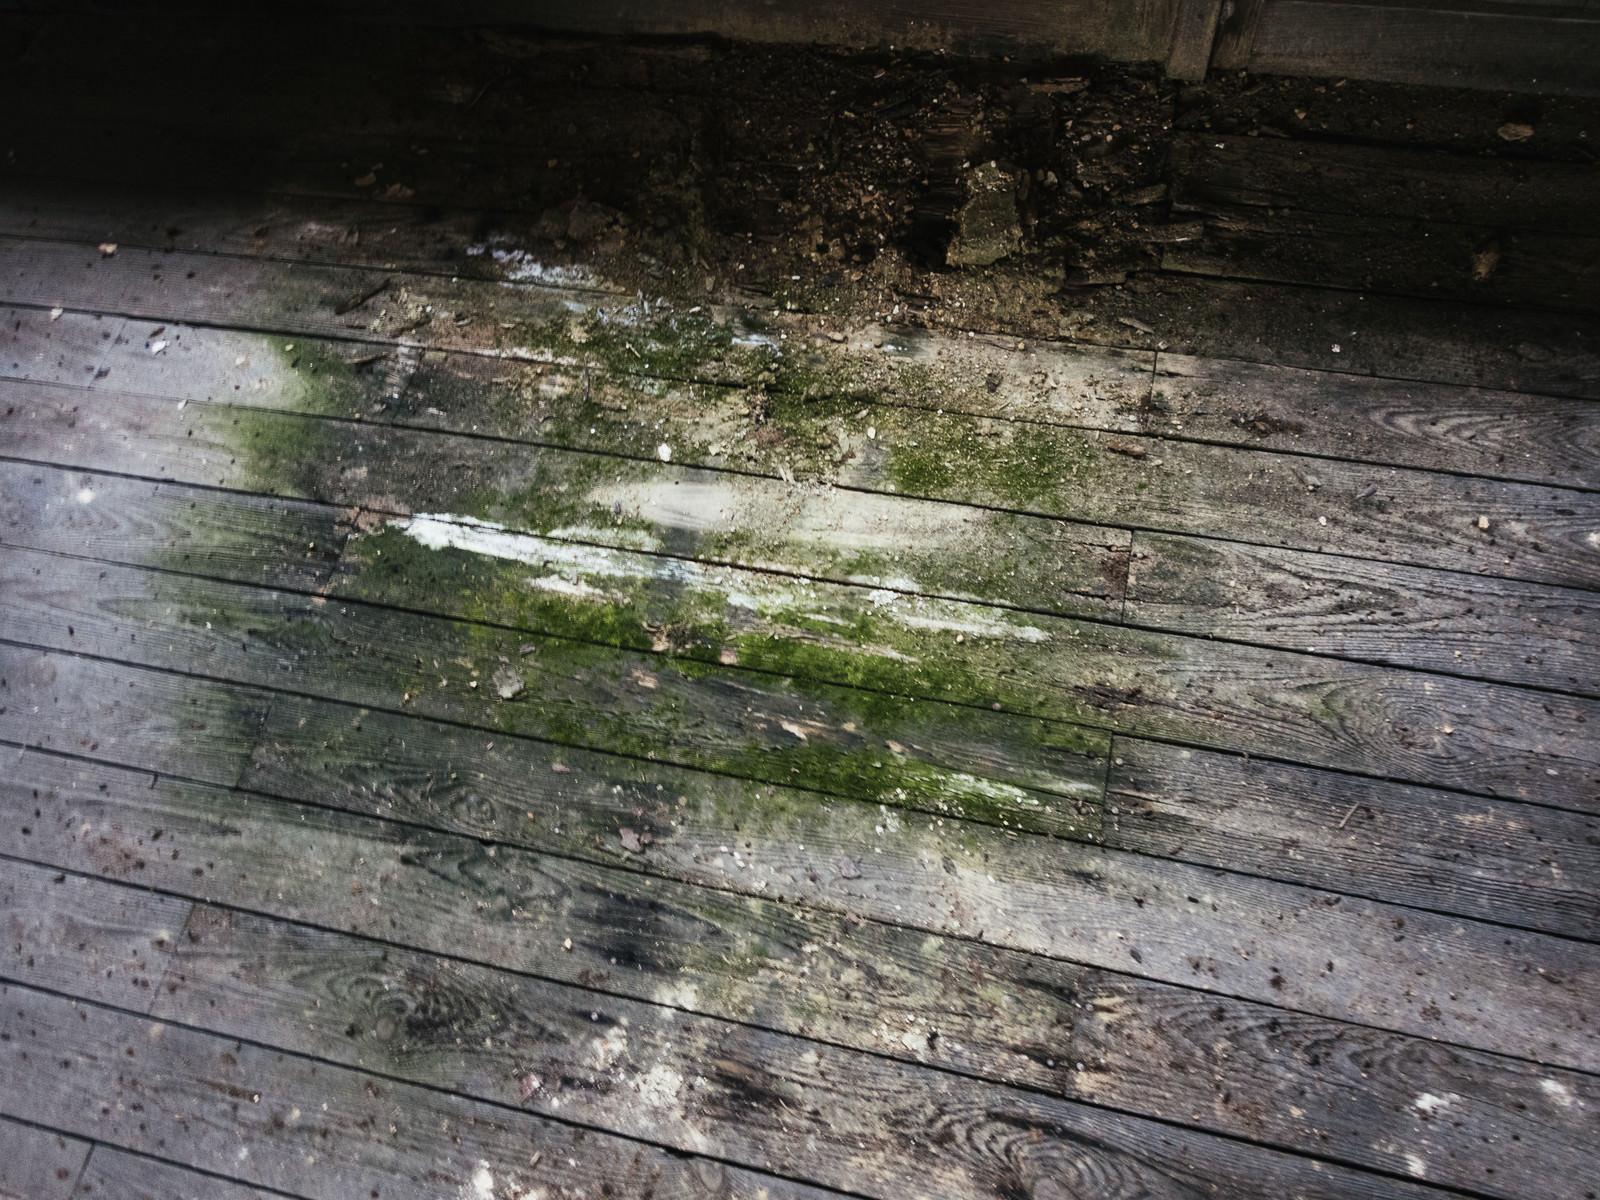 「廃校の苔生す廊下のシミ」の写真